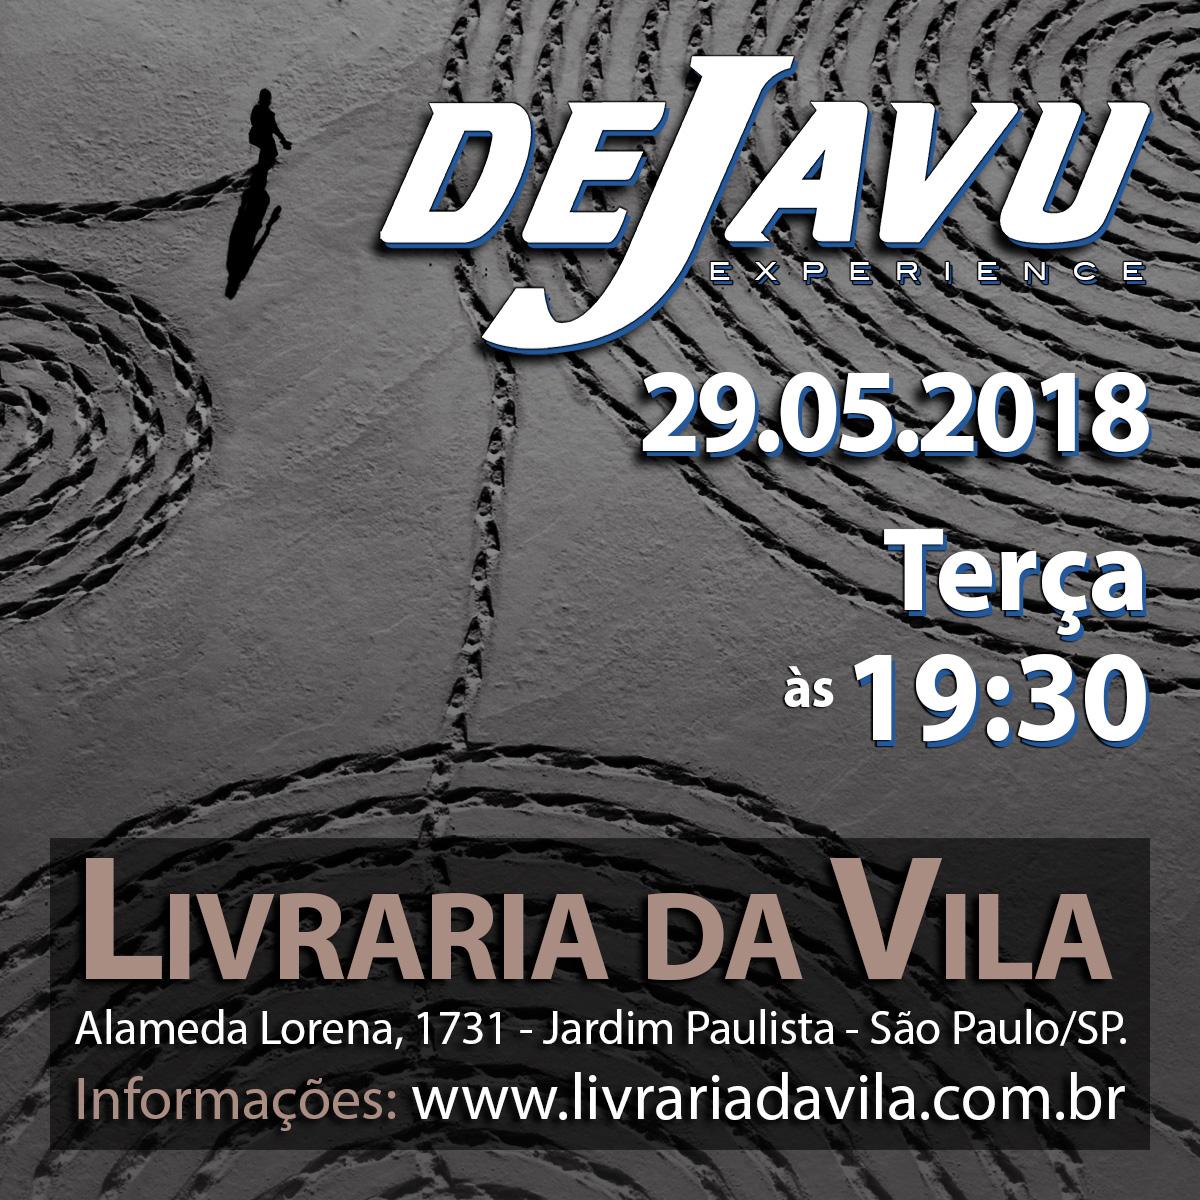 DEJAVU Experience: 29/05/2018, 19:30 - Livraria da Vila.